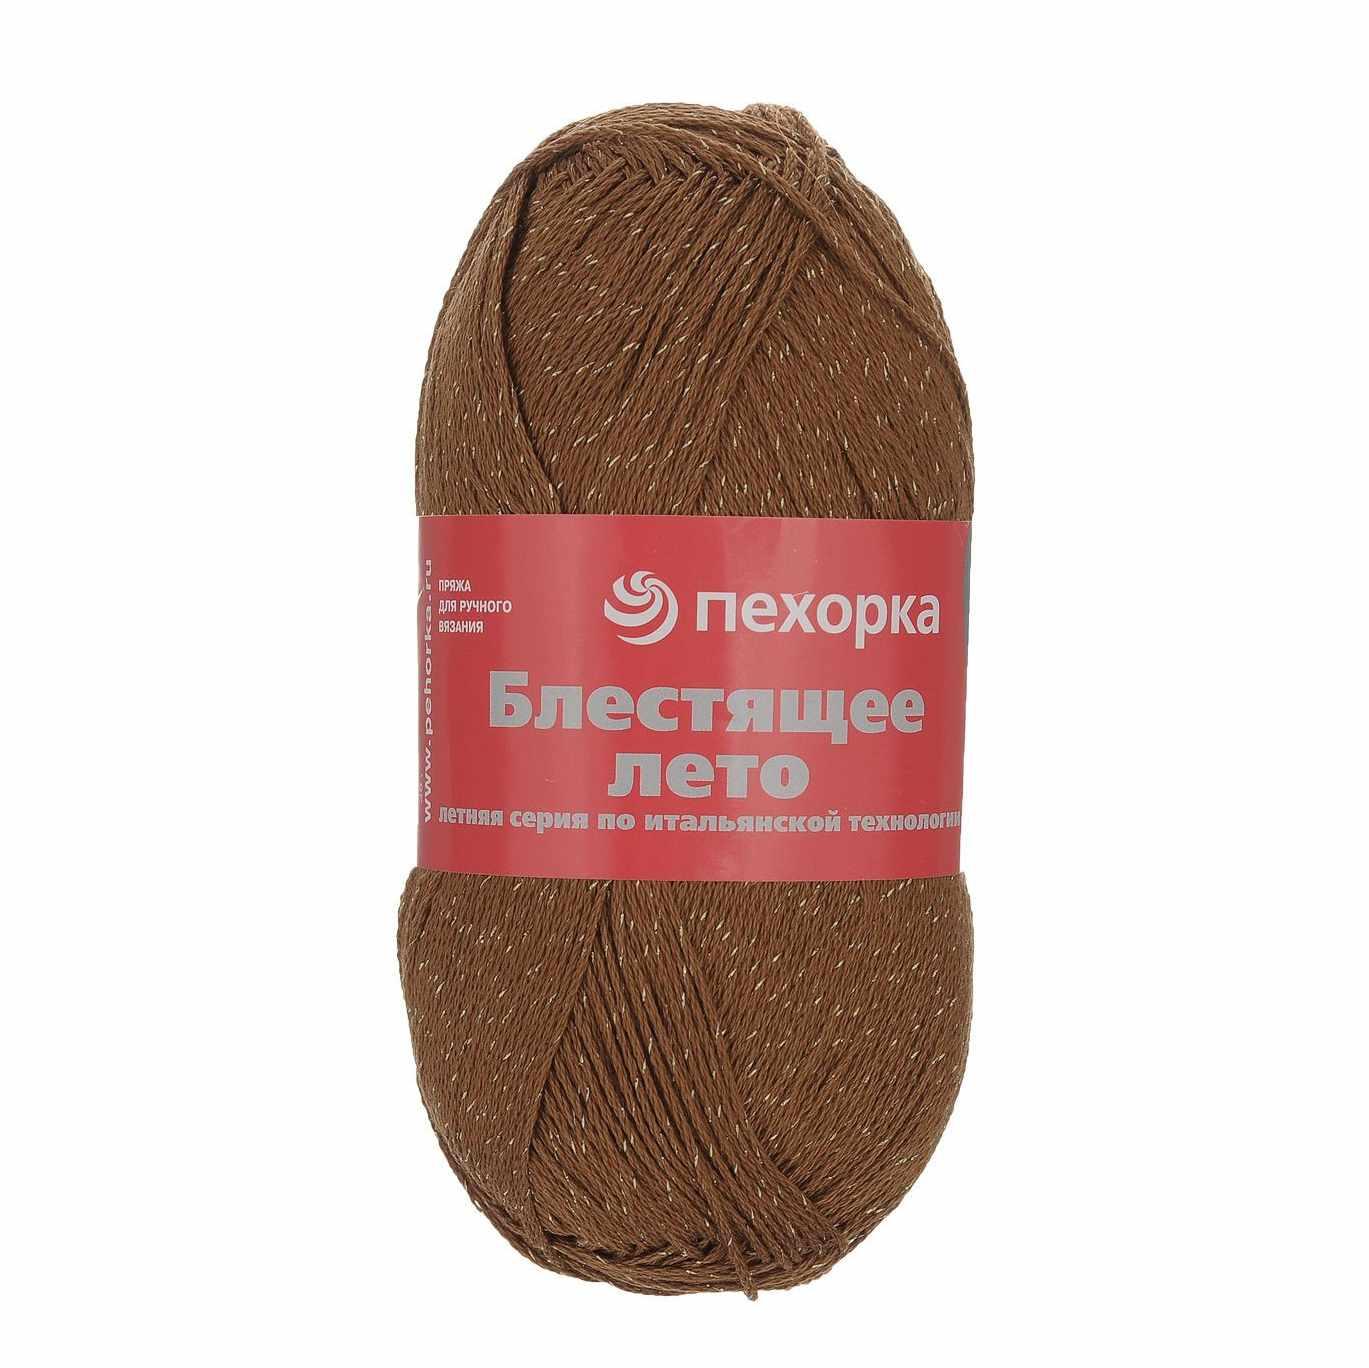 Пряжа Пехорка Блестящее лето Цвет.416 Св. коричневый